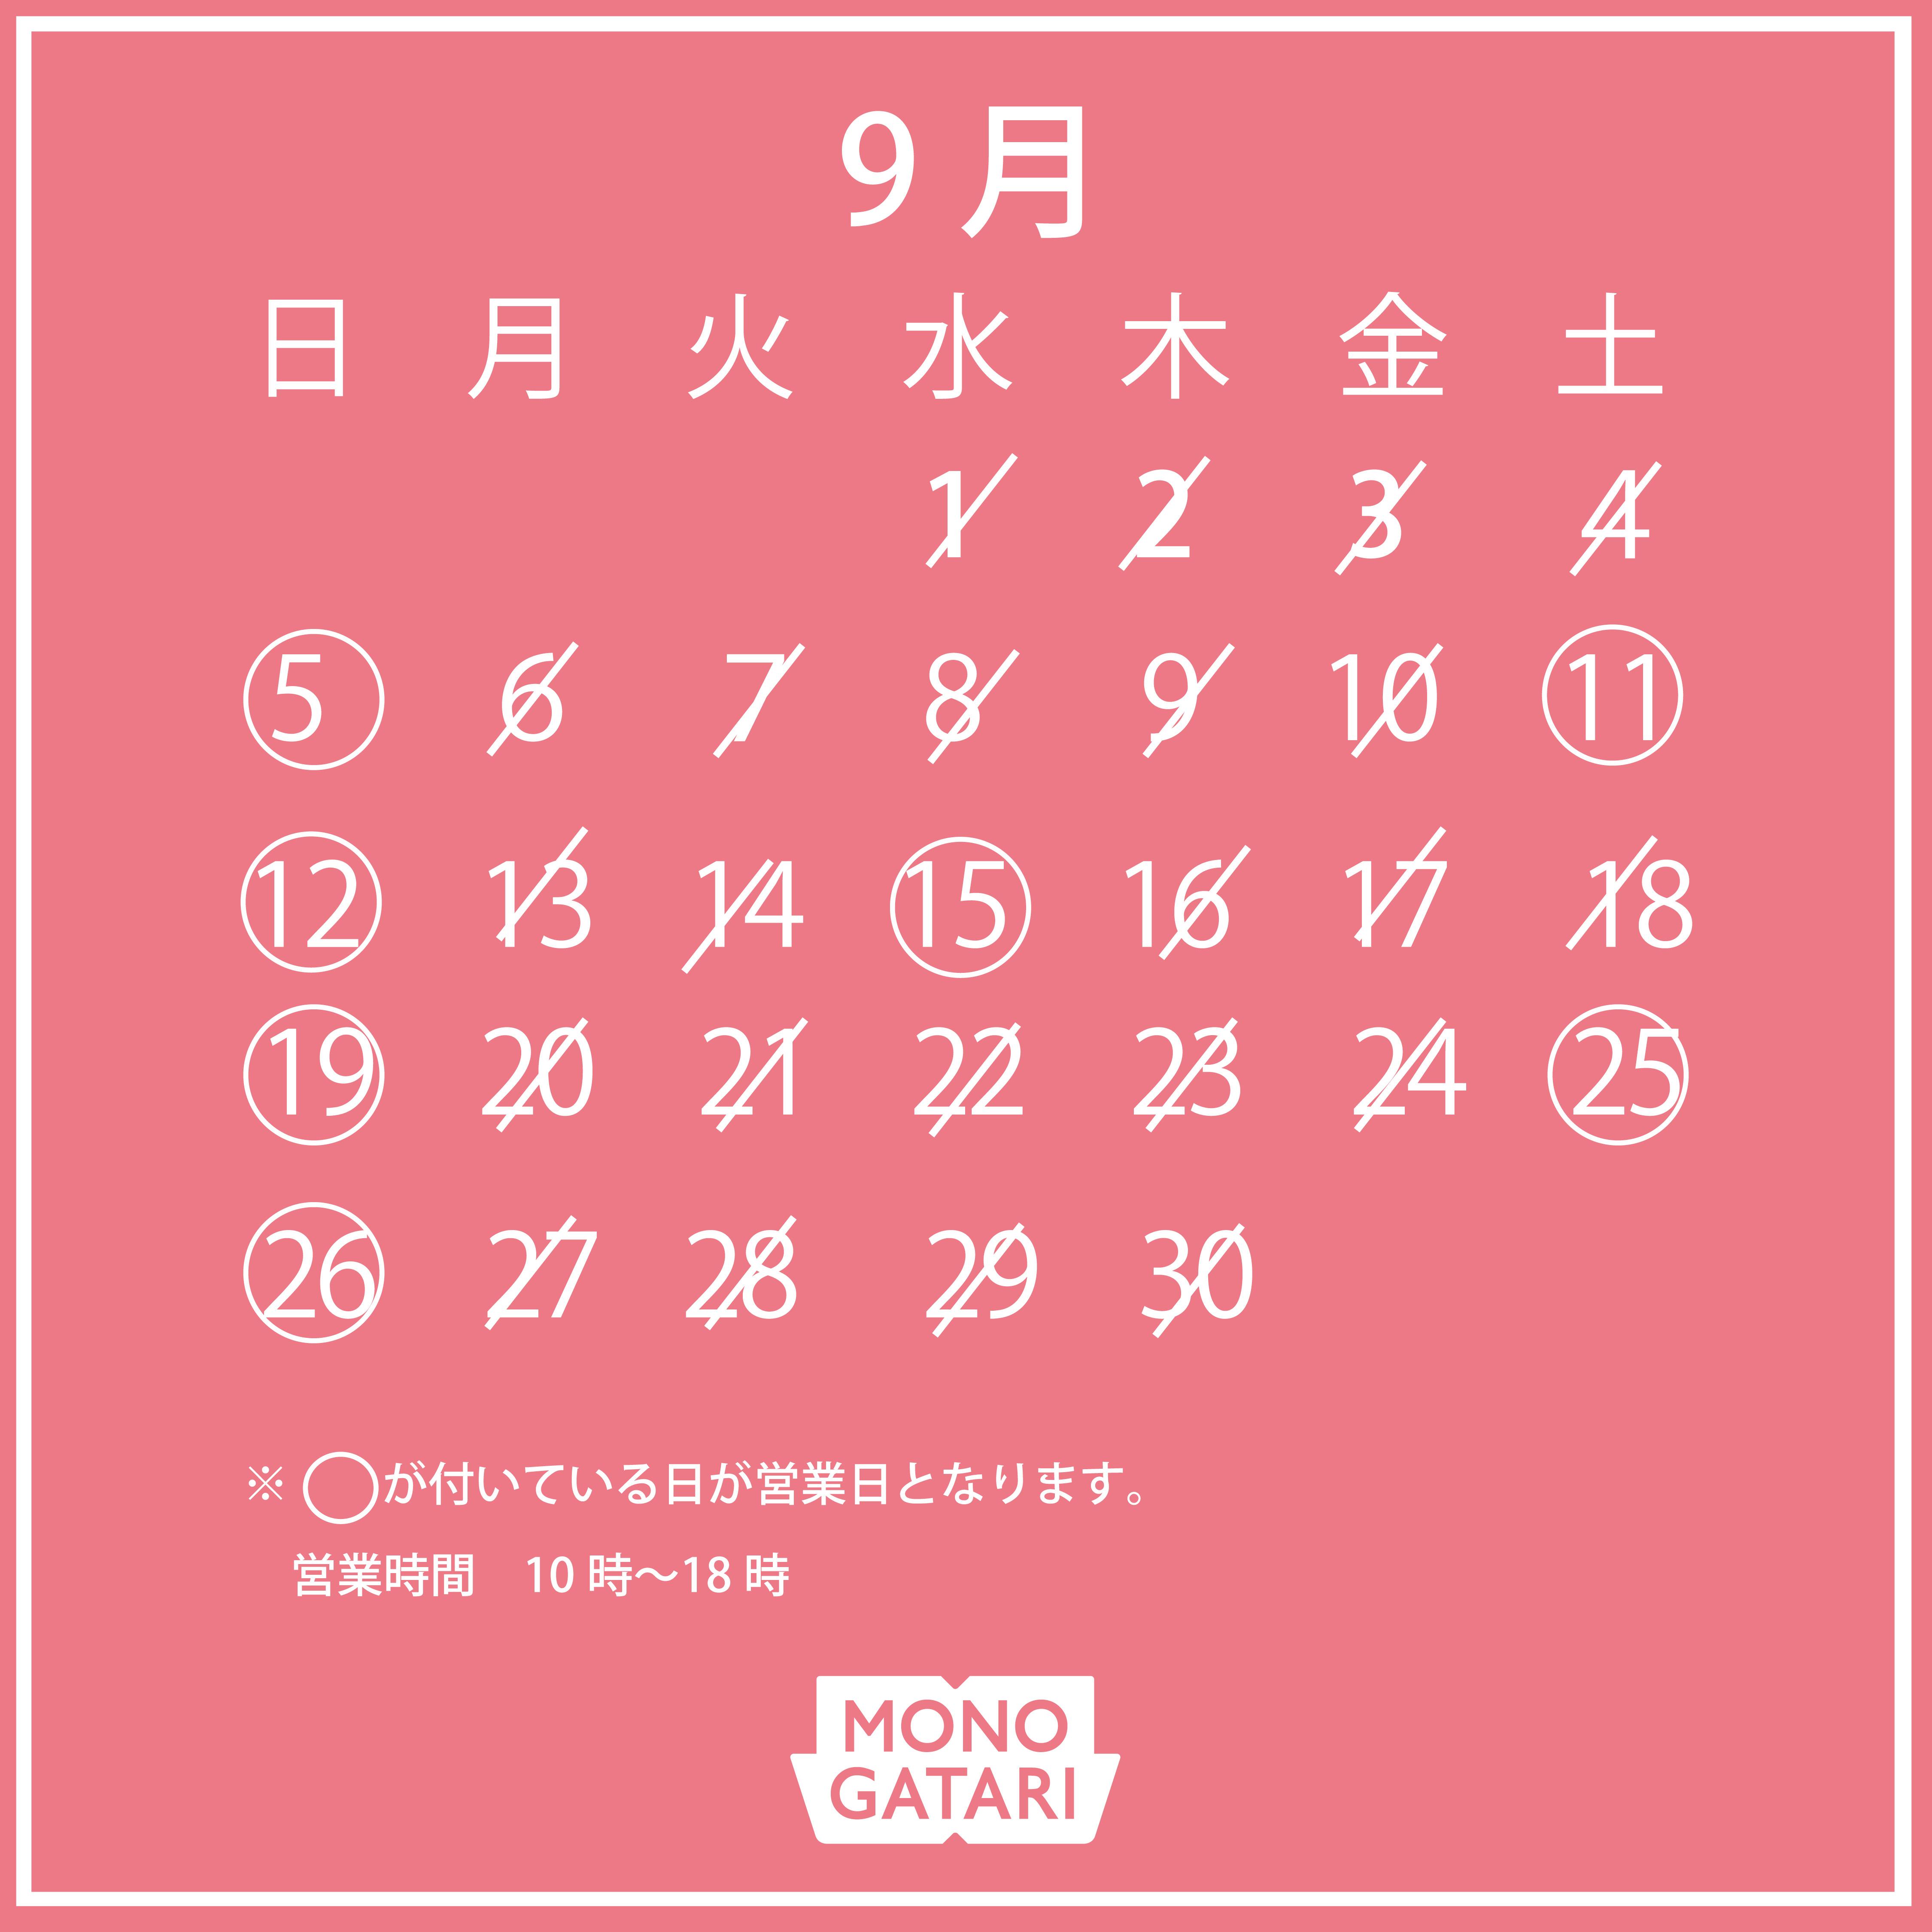 9月店舗営業日カレンダー